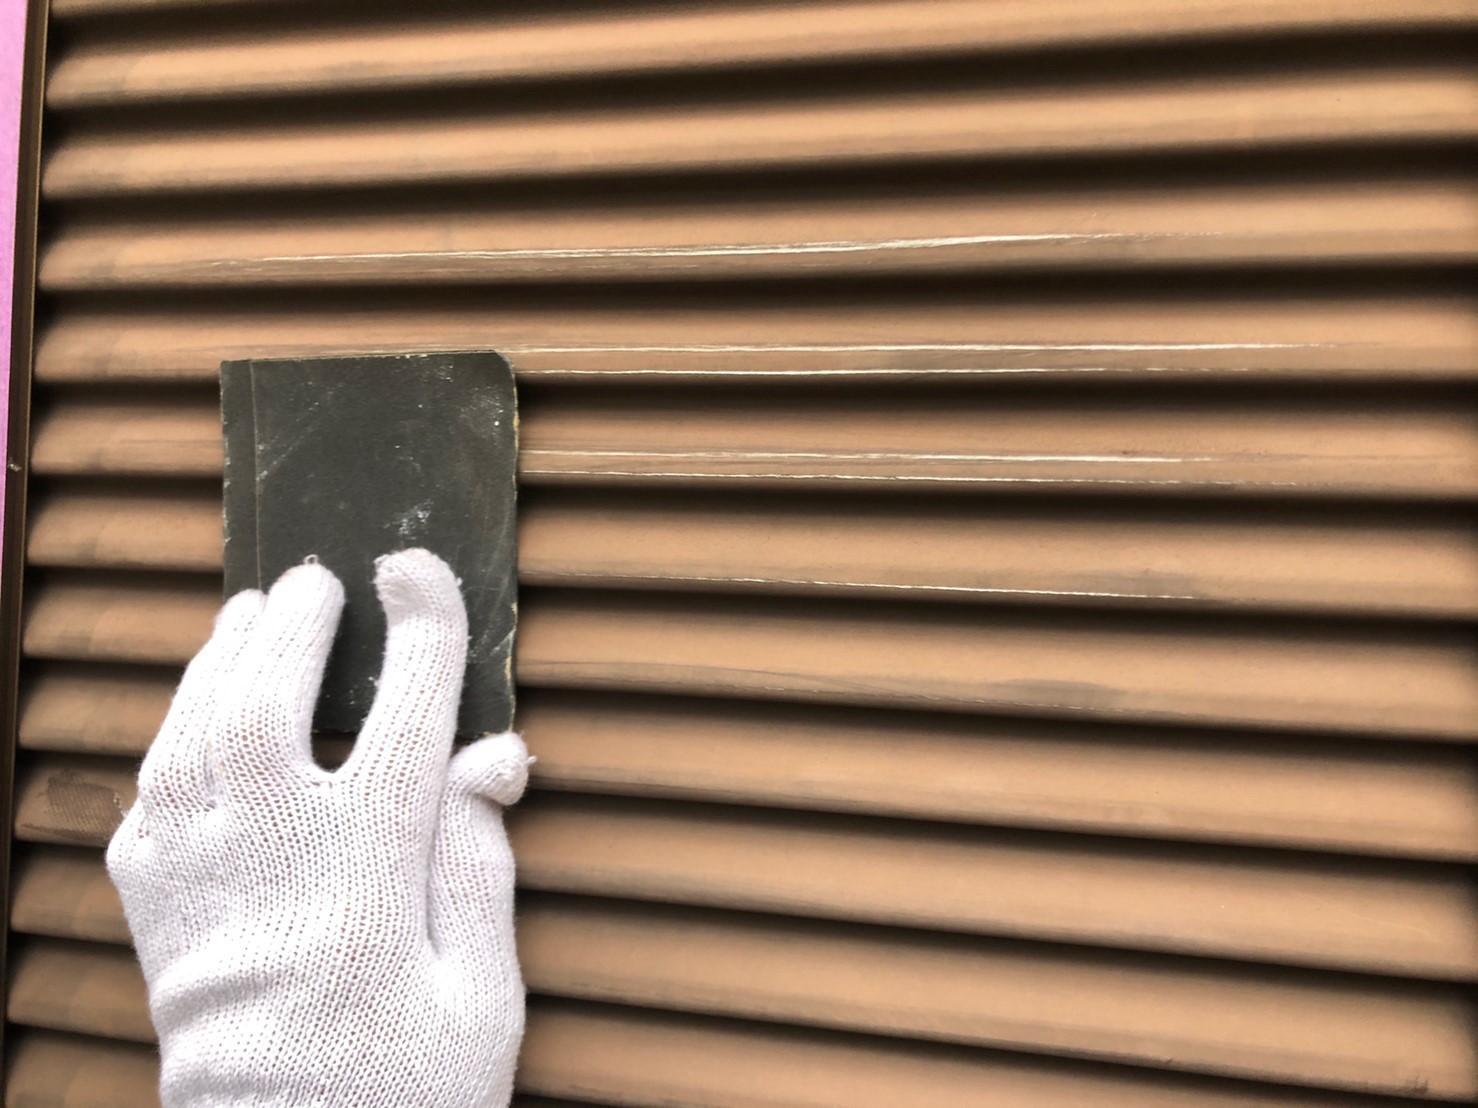 さいたま市岩槻区戸袋防さび塗料塗布前にケレン作業